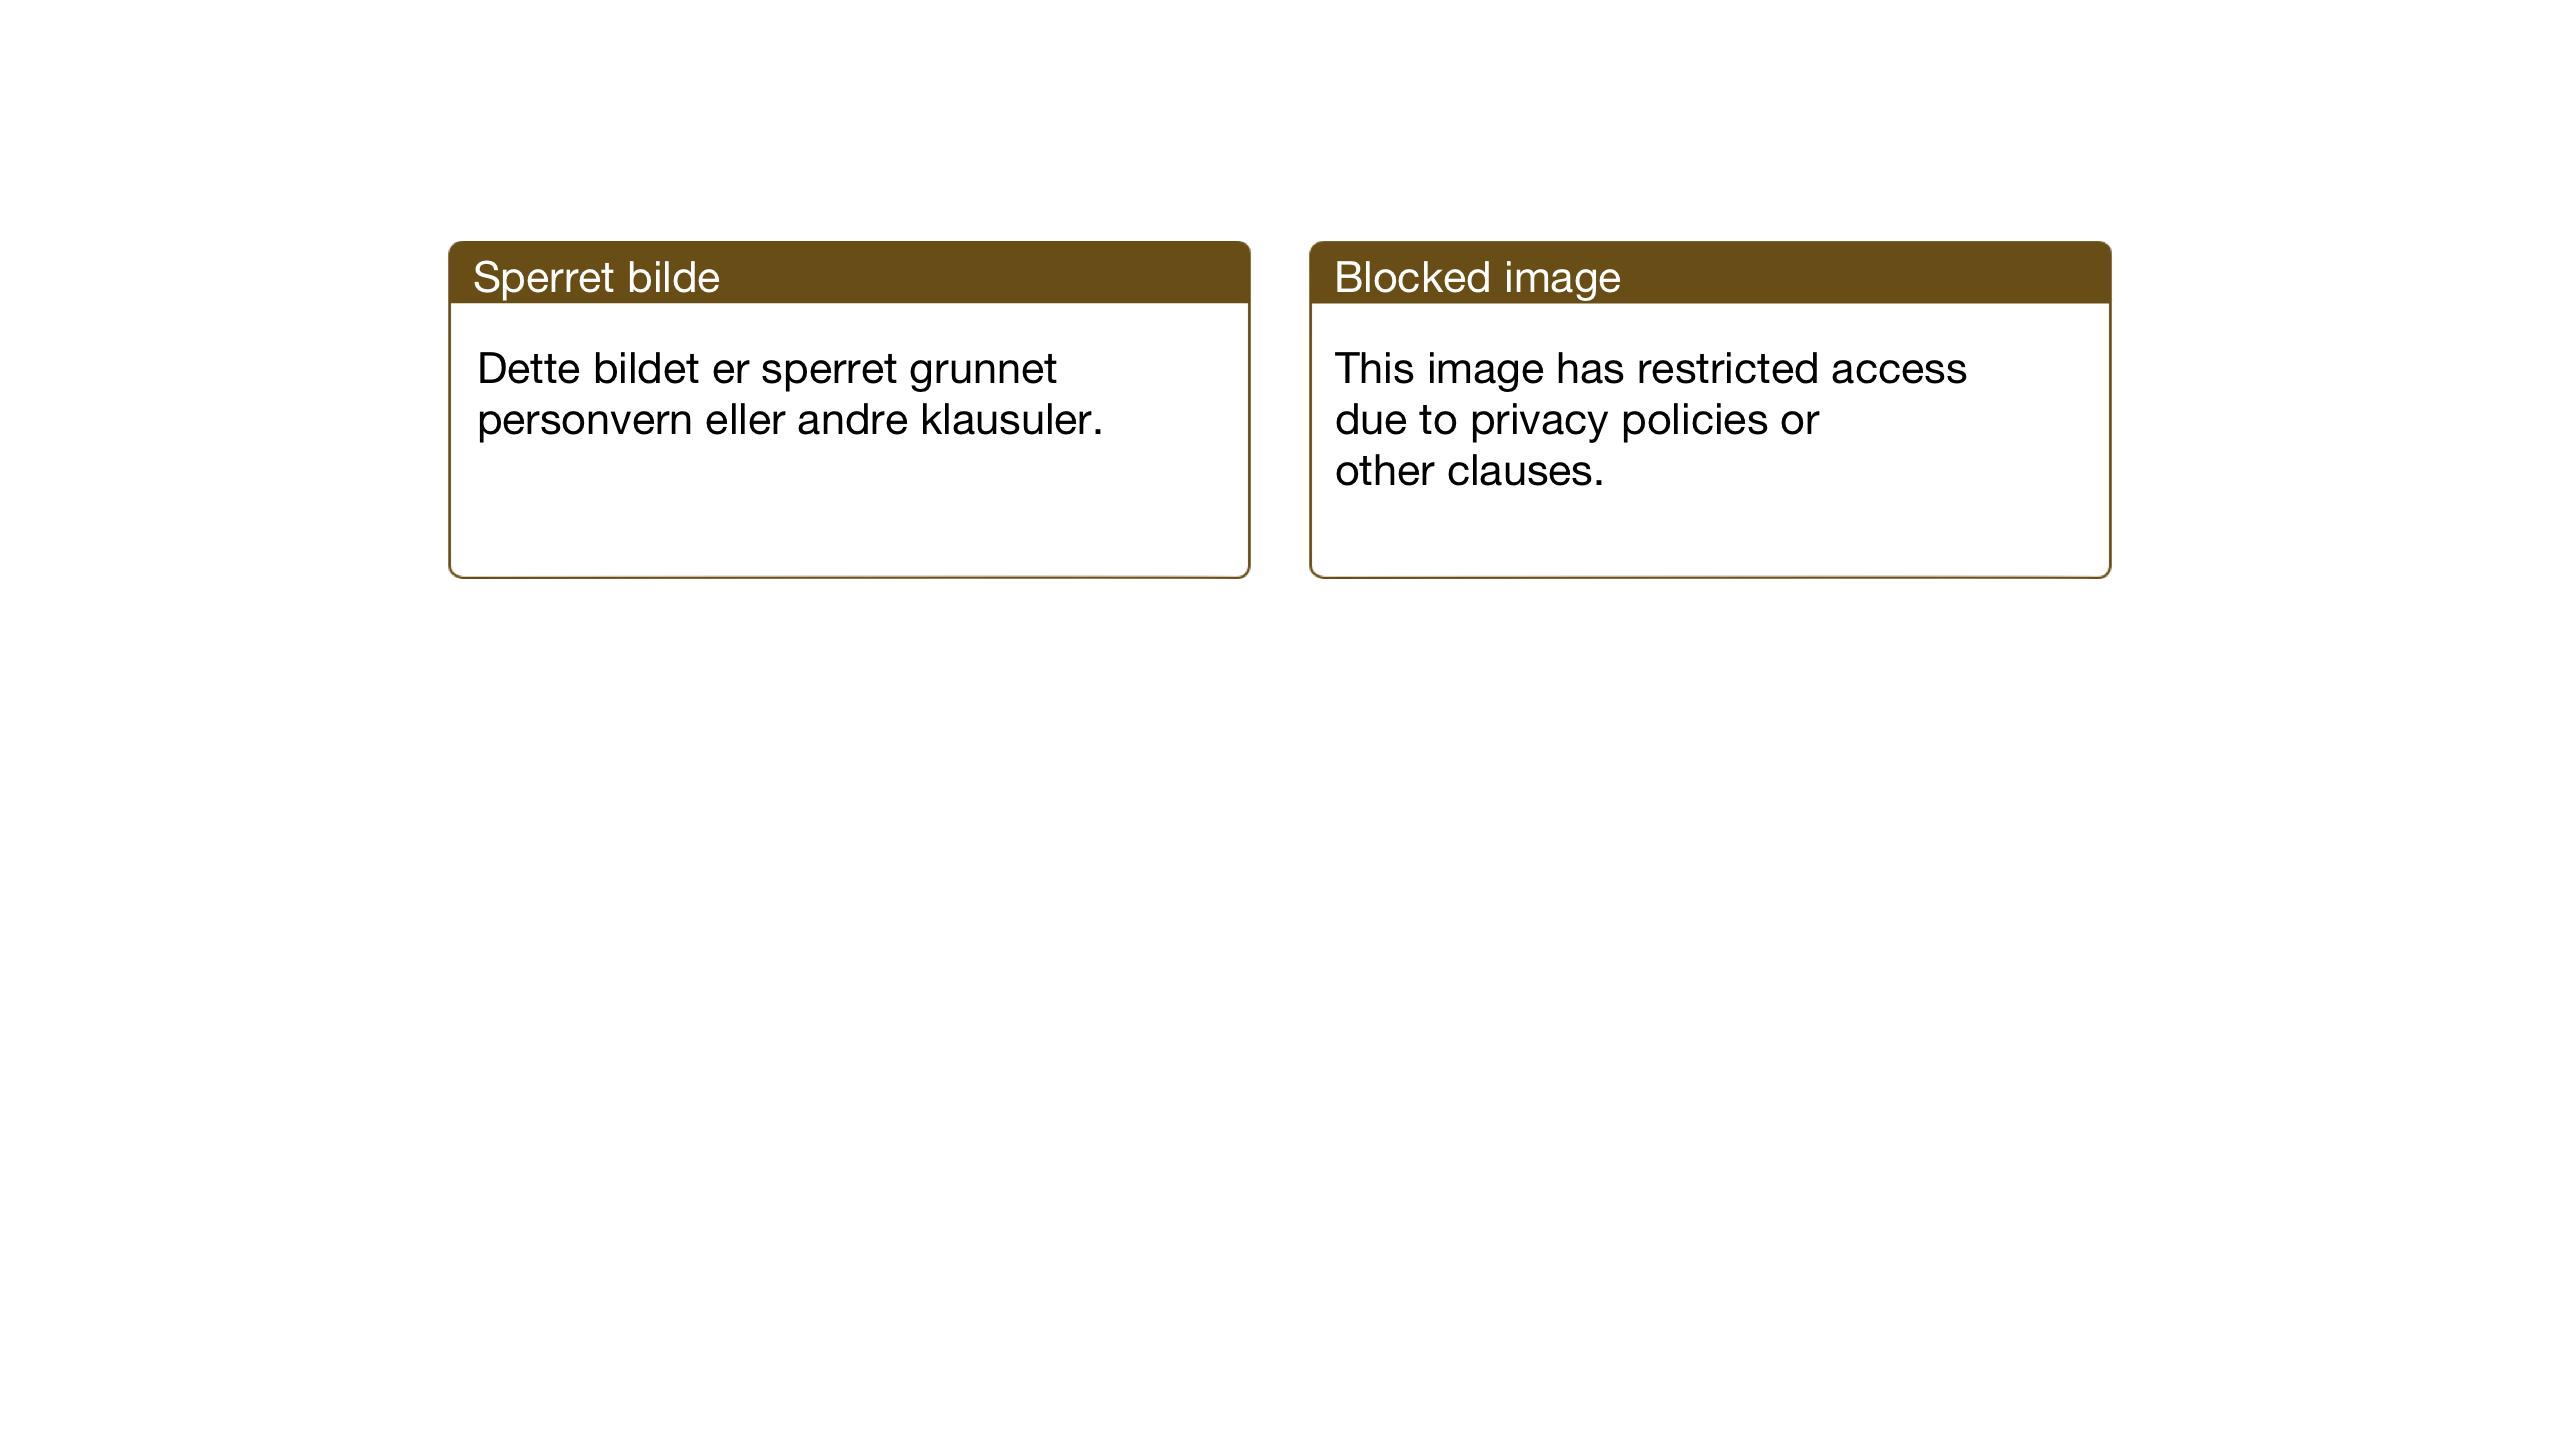 SAT, Ministerialprotokoller, klokkerbøker og fødselsregistre - Sør-Trøndelag, 640/L0590: Klokkerbok nr. 640C07, 1935-1948, s. 31